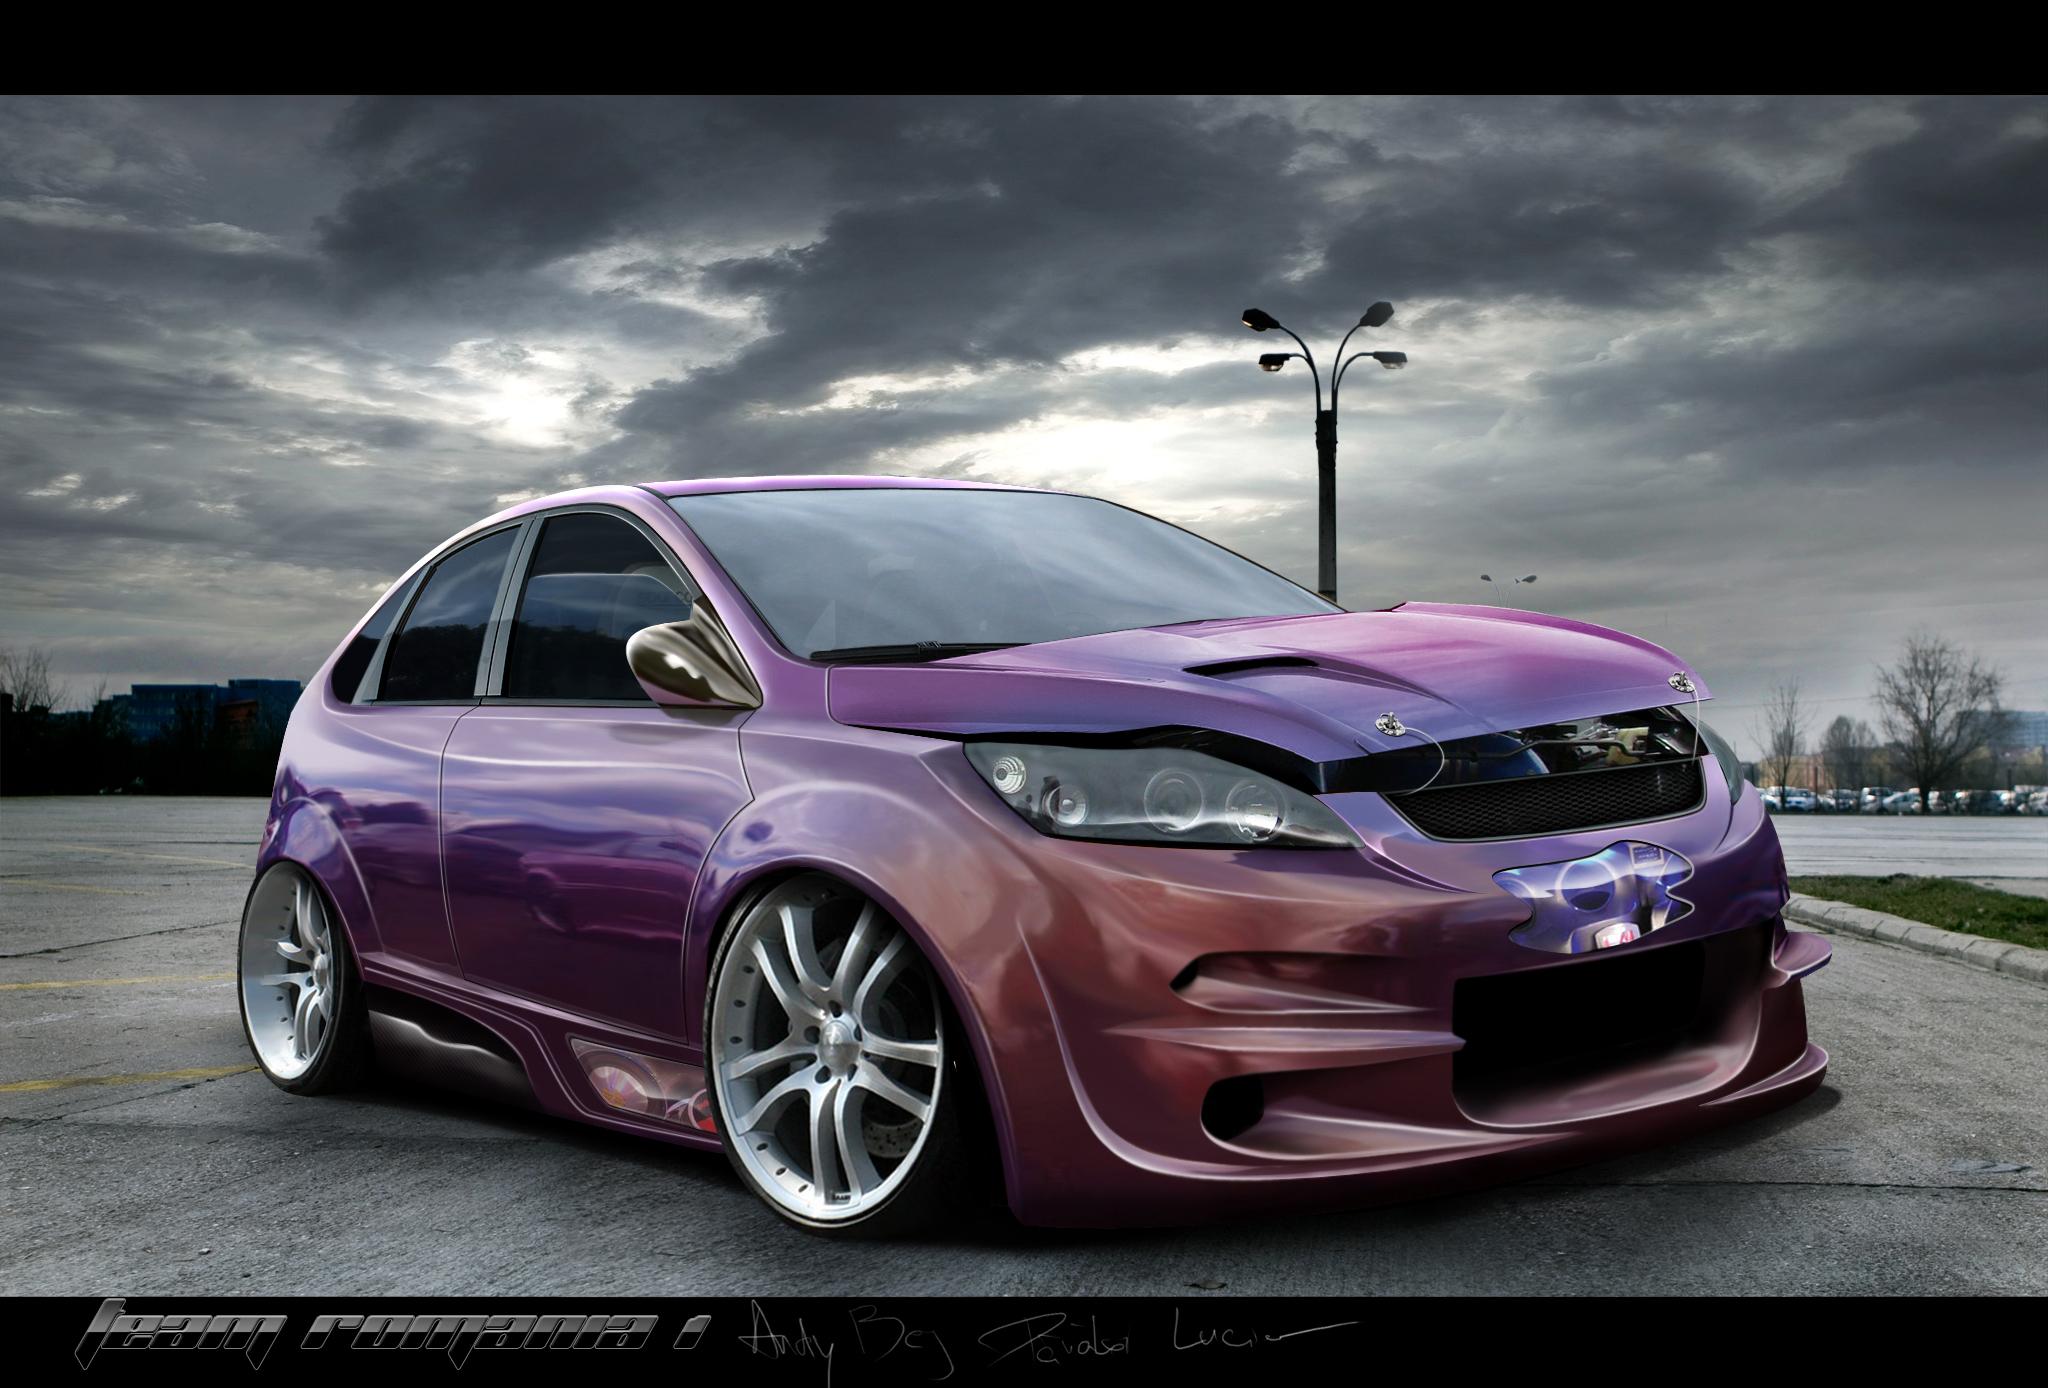 Imagenes De Autos De Alta Gama En Hd: Imagenes De Autos Tuning Hd + Promotoras